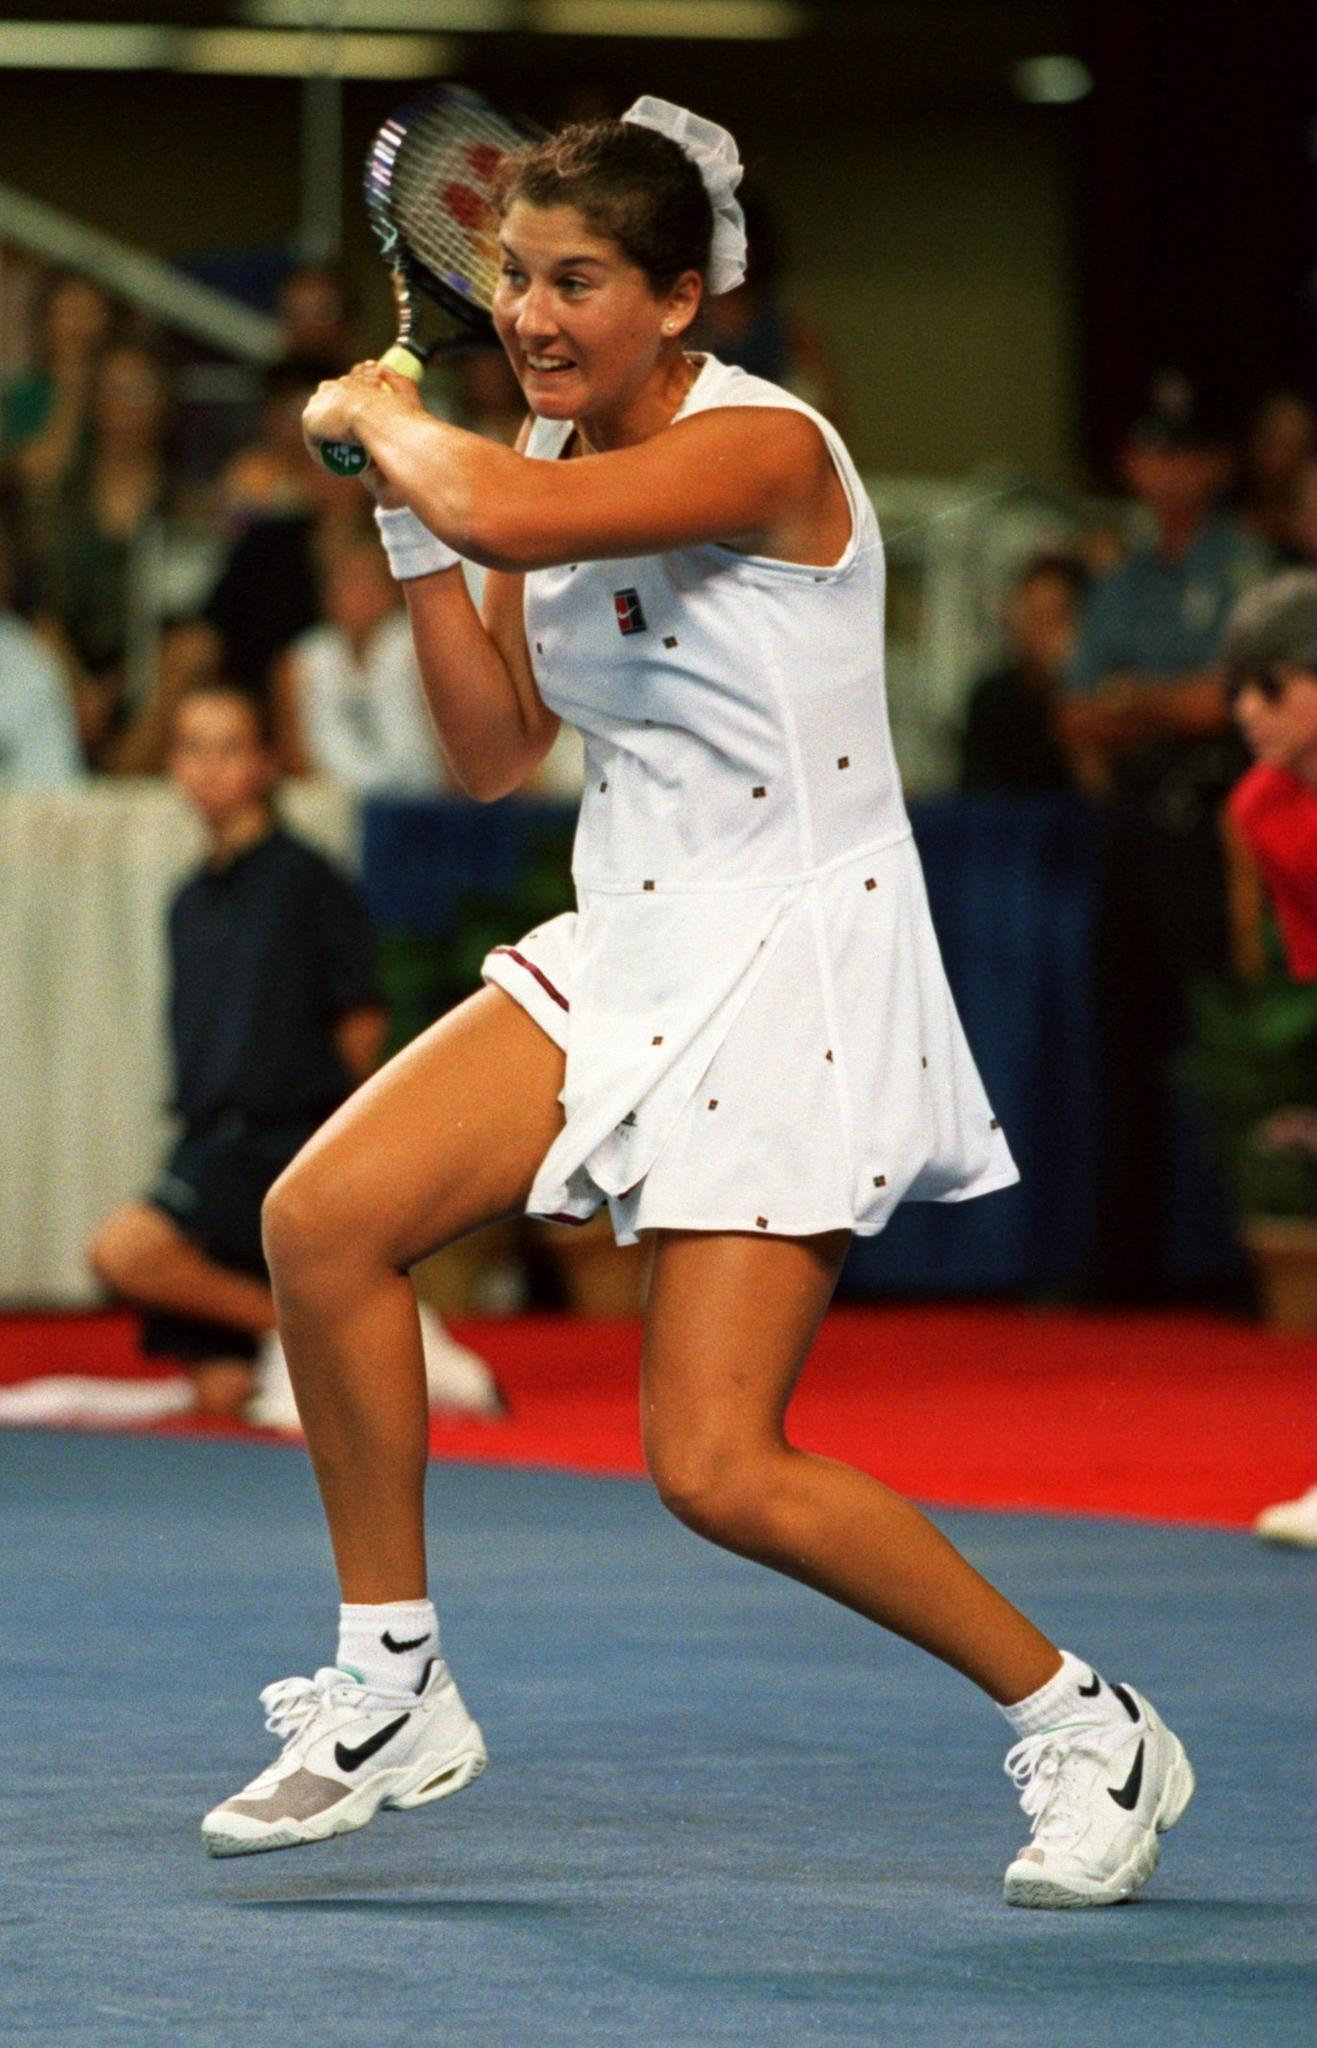 In den 90er-Jahren ist Monica Seles bekannt für ihre druckvollen Schläge. Sowohl Rück- als auch Vorhand spielt sie beidhändig und ohne umzugreifen - eine Besonderheit im Tennis.